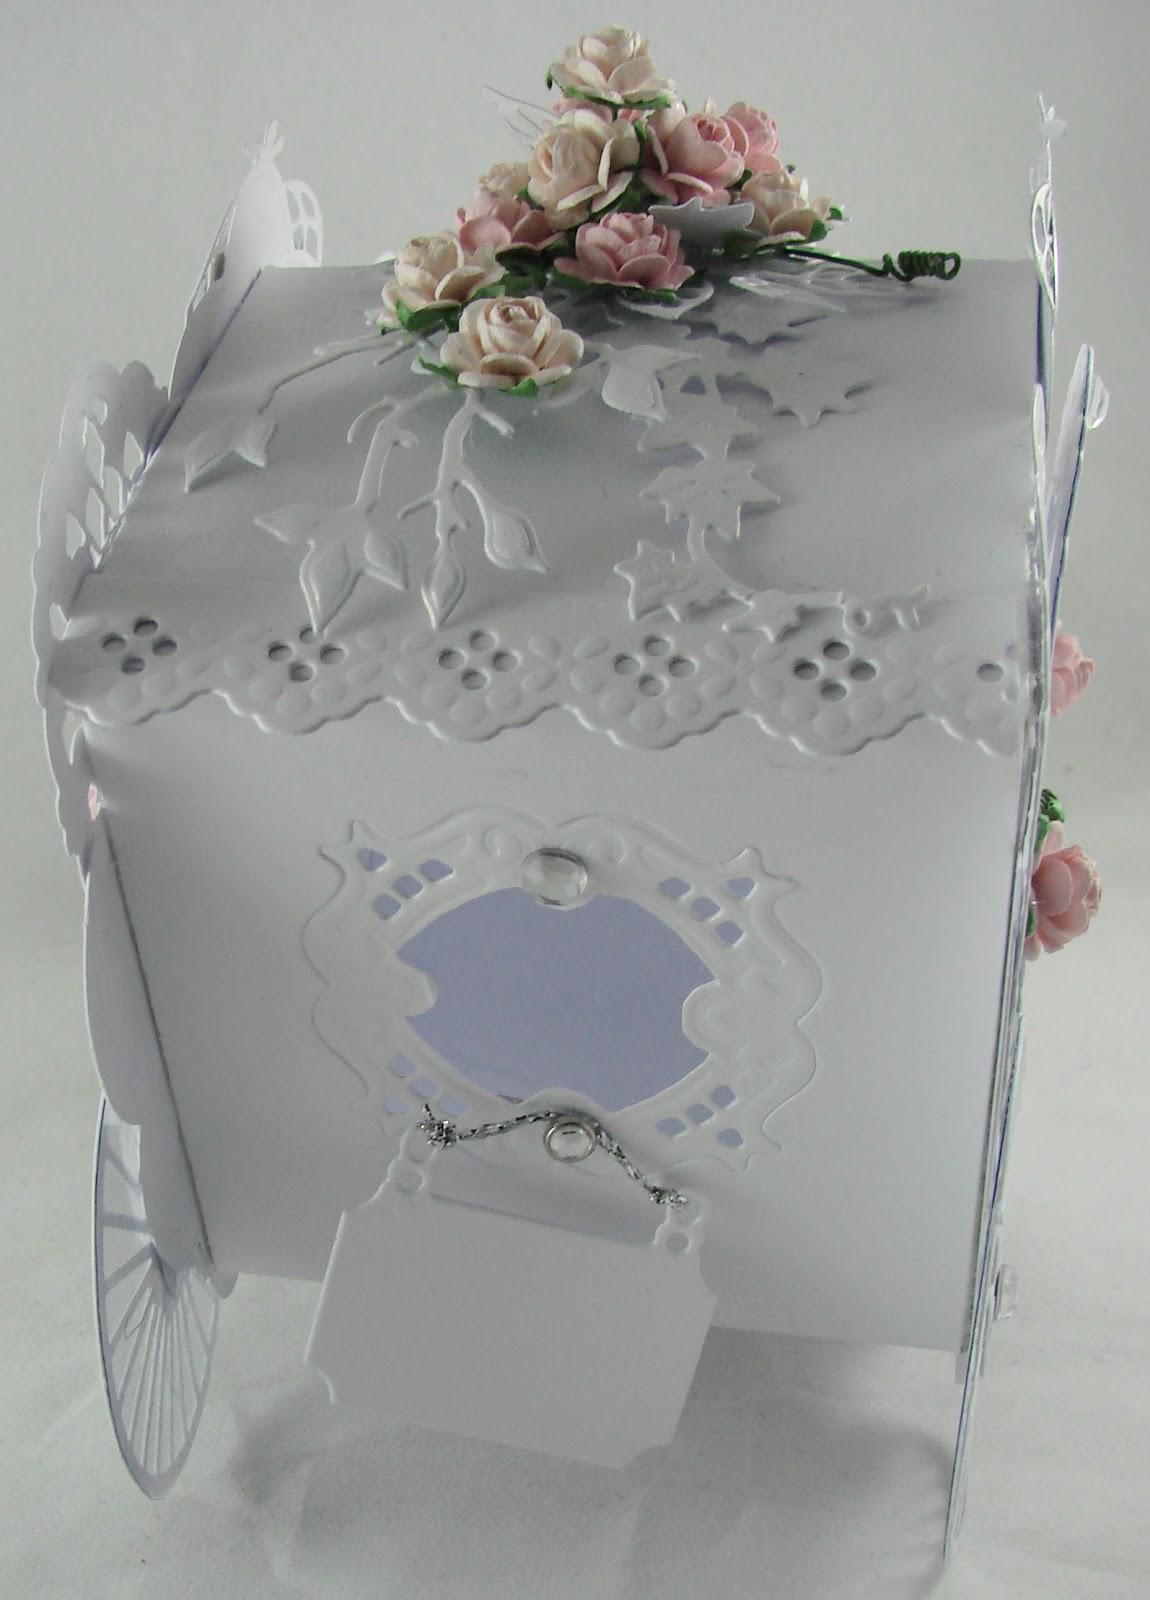 Schöne Sachen handgemacht Designblog: Hochzeitskutsche ganz in weiß ...